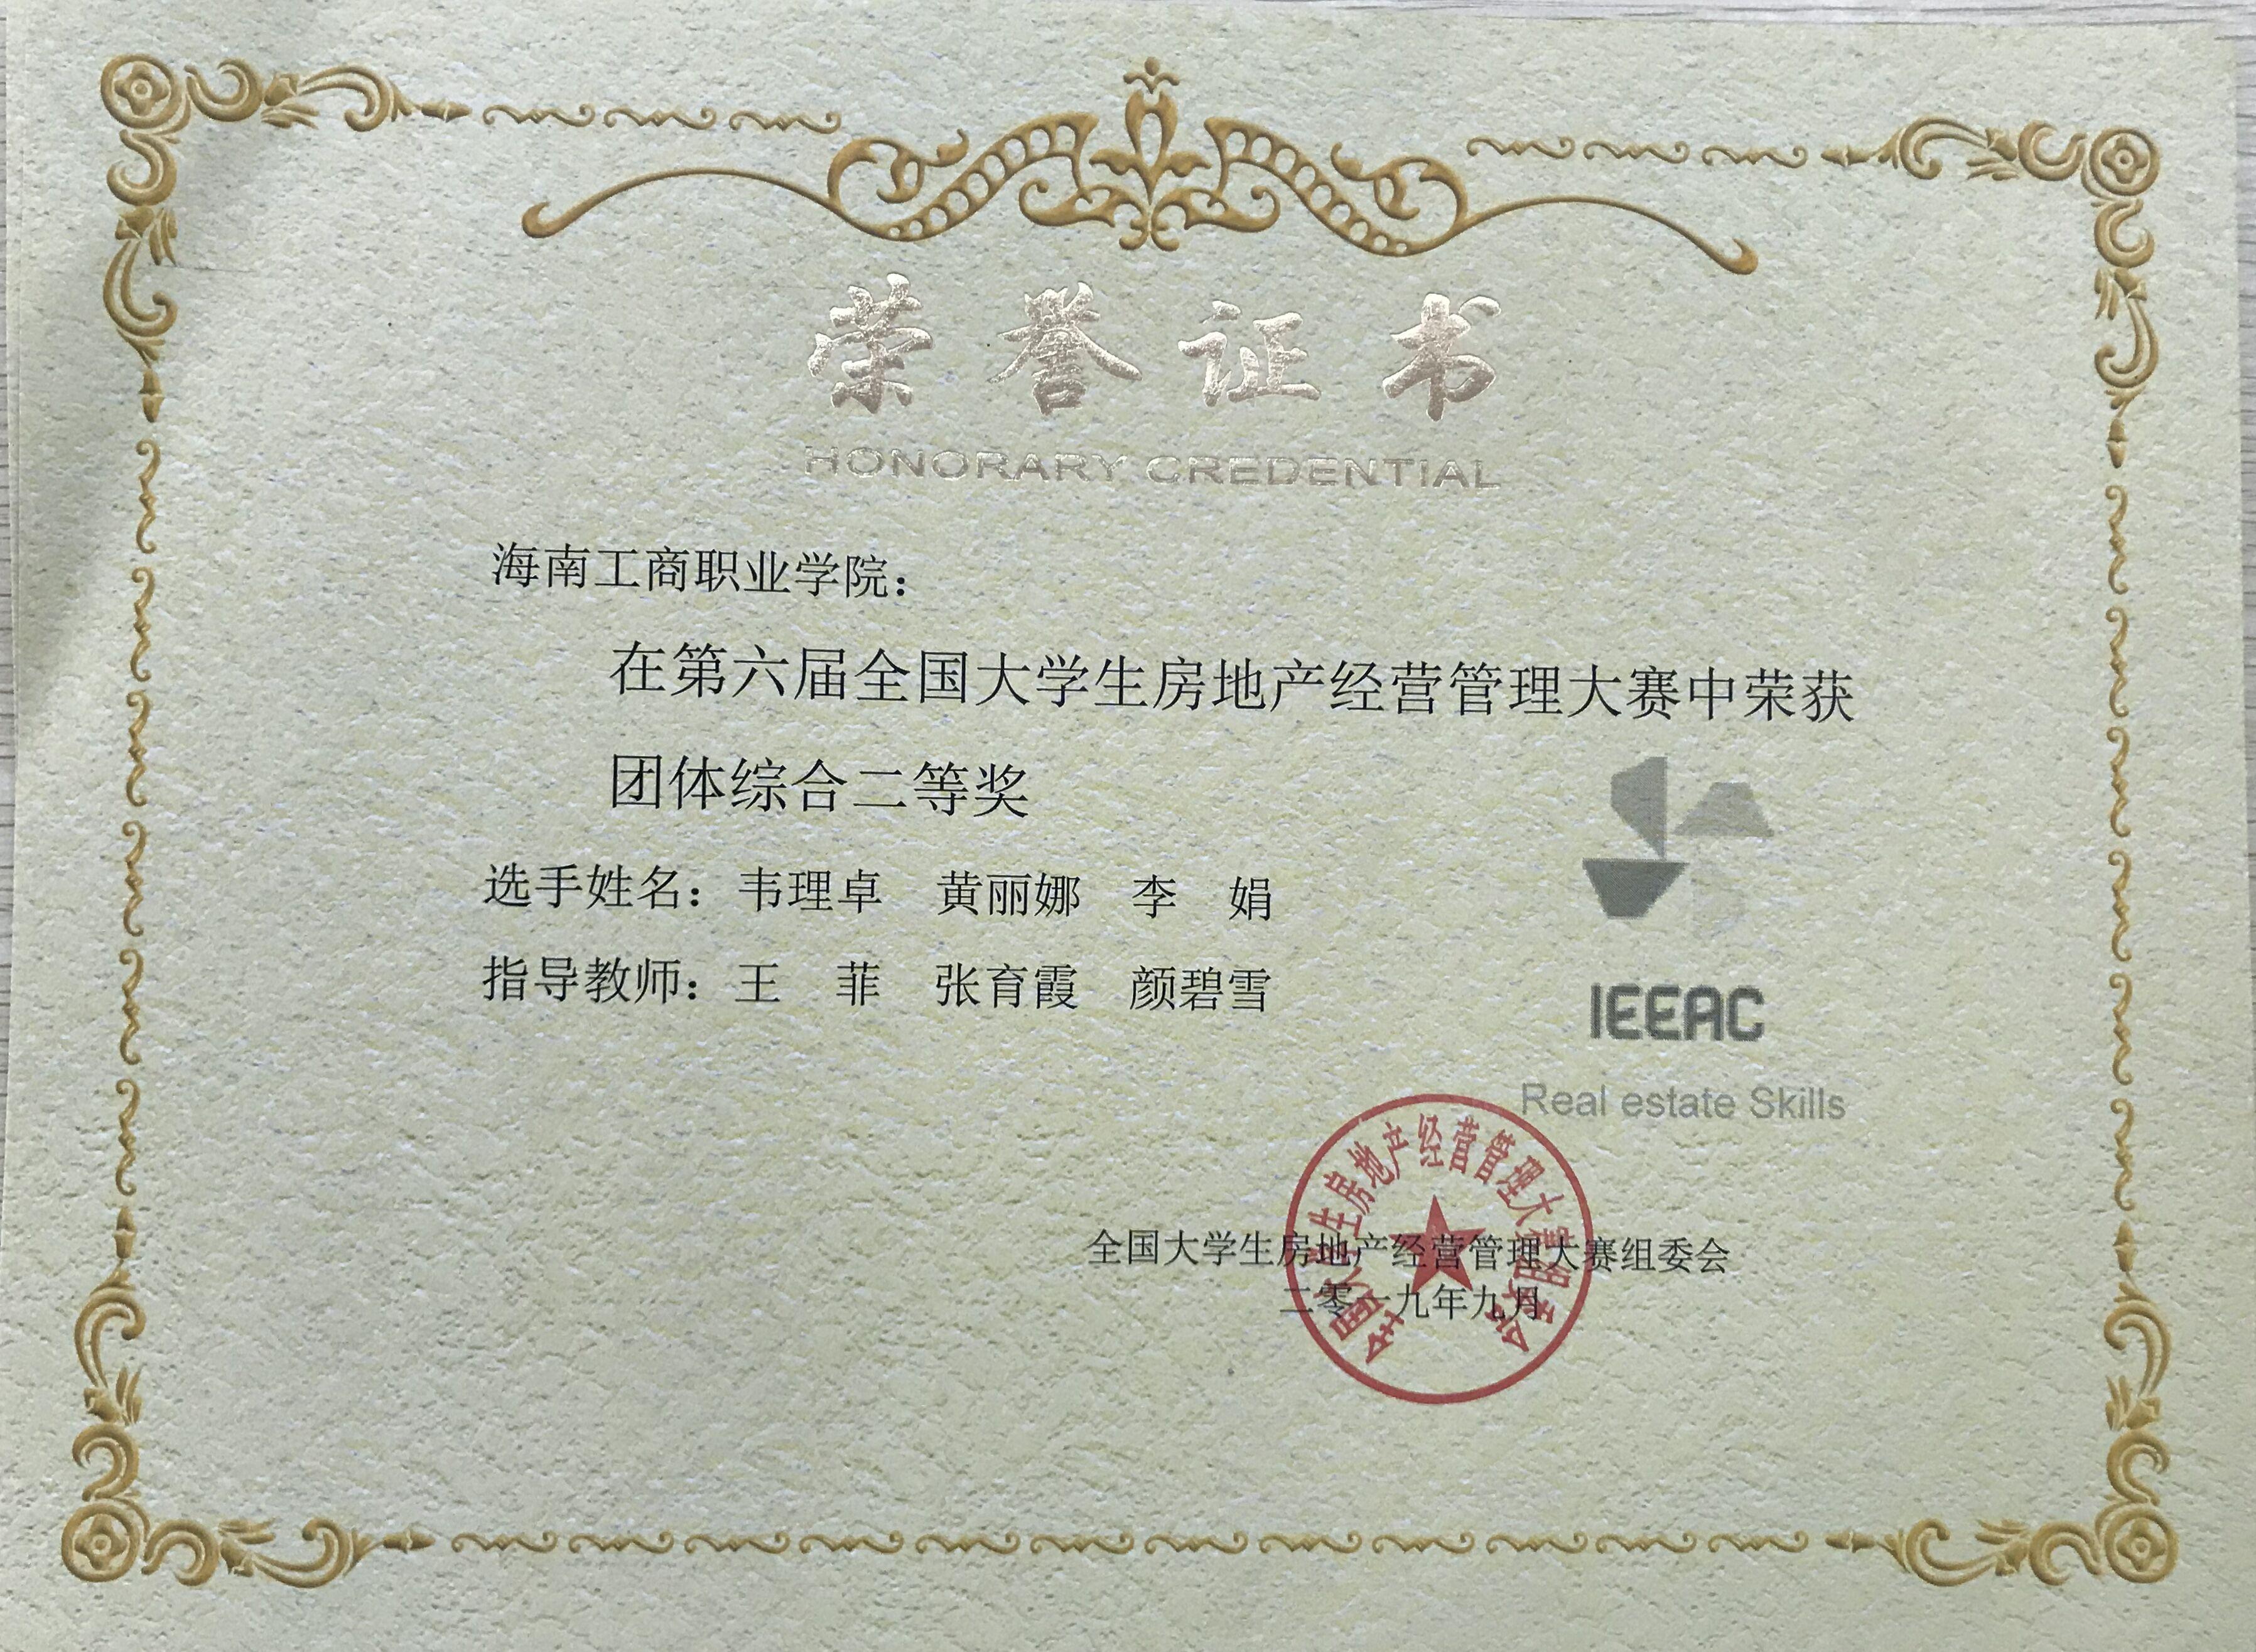 2019年9月全国大龙8国际登录房地产jing营管理大赛 团体综合二deng奖